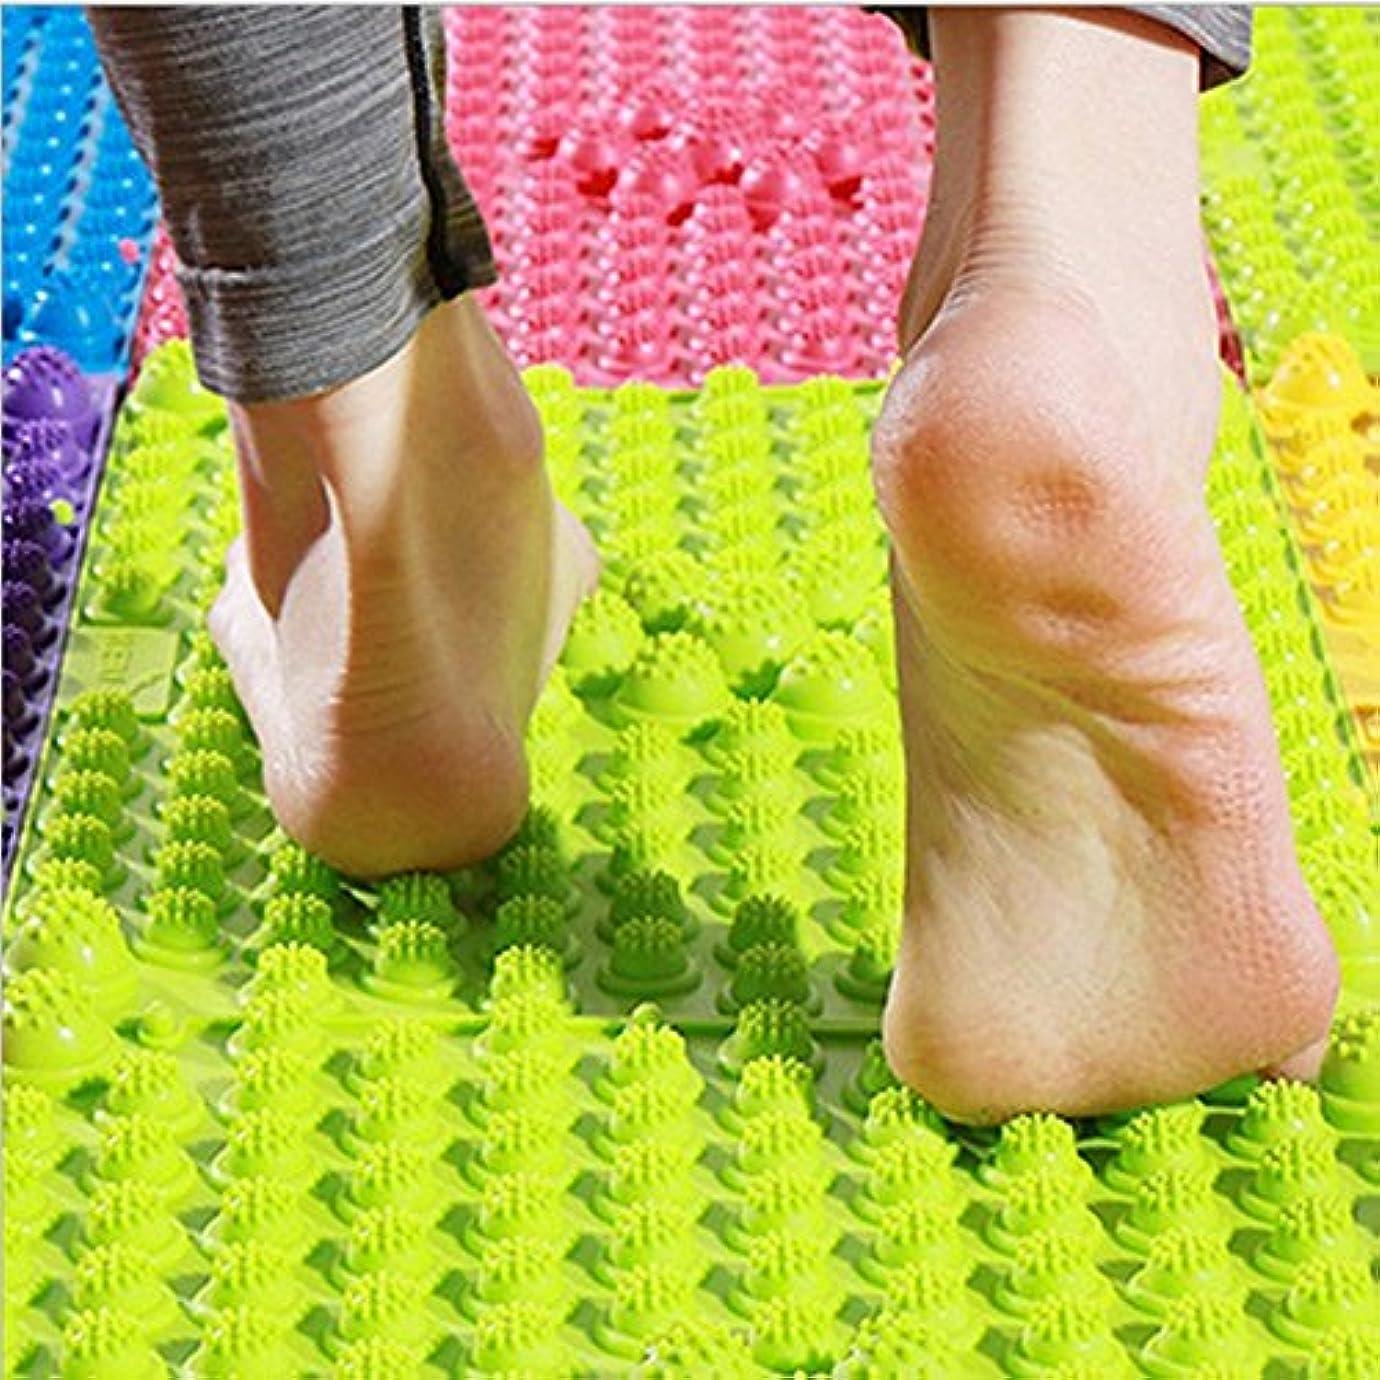 ロケーション退院暗黙2 PCS足マッサージマット、鍼治療指圧循環リフレクソロジー足の痛みの緩和と筋肉のリラクゼーション(ランダムカラー)のためのバスルームバスマット